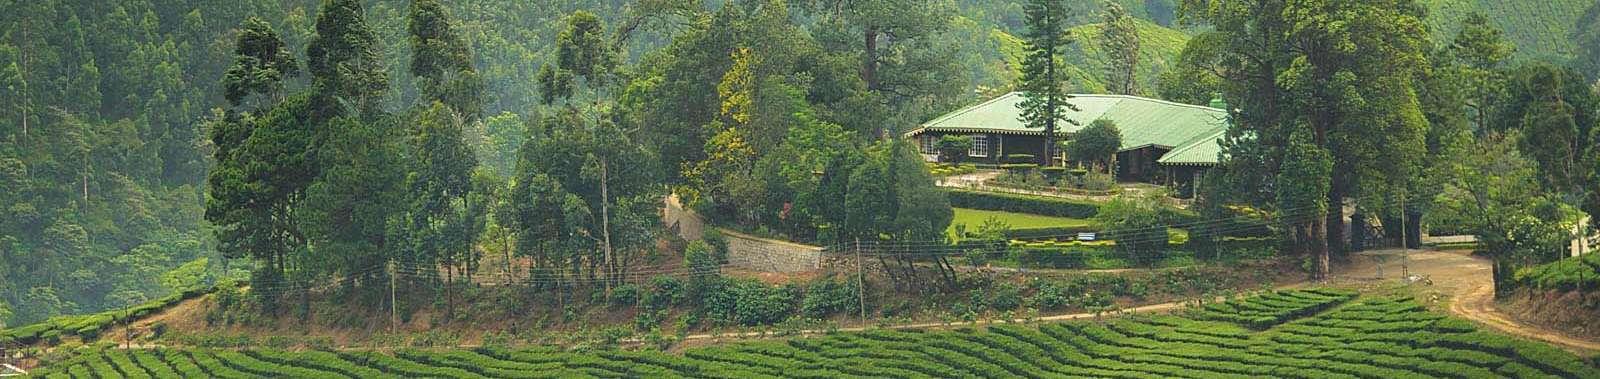 Talayar-Valley-Bungalow-Panoramic